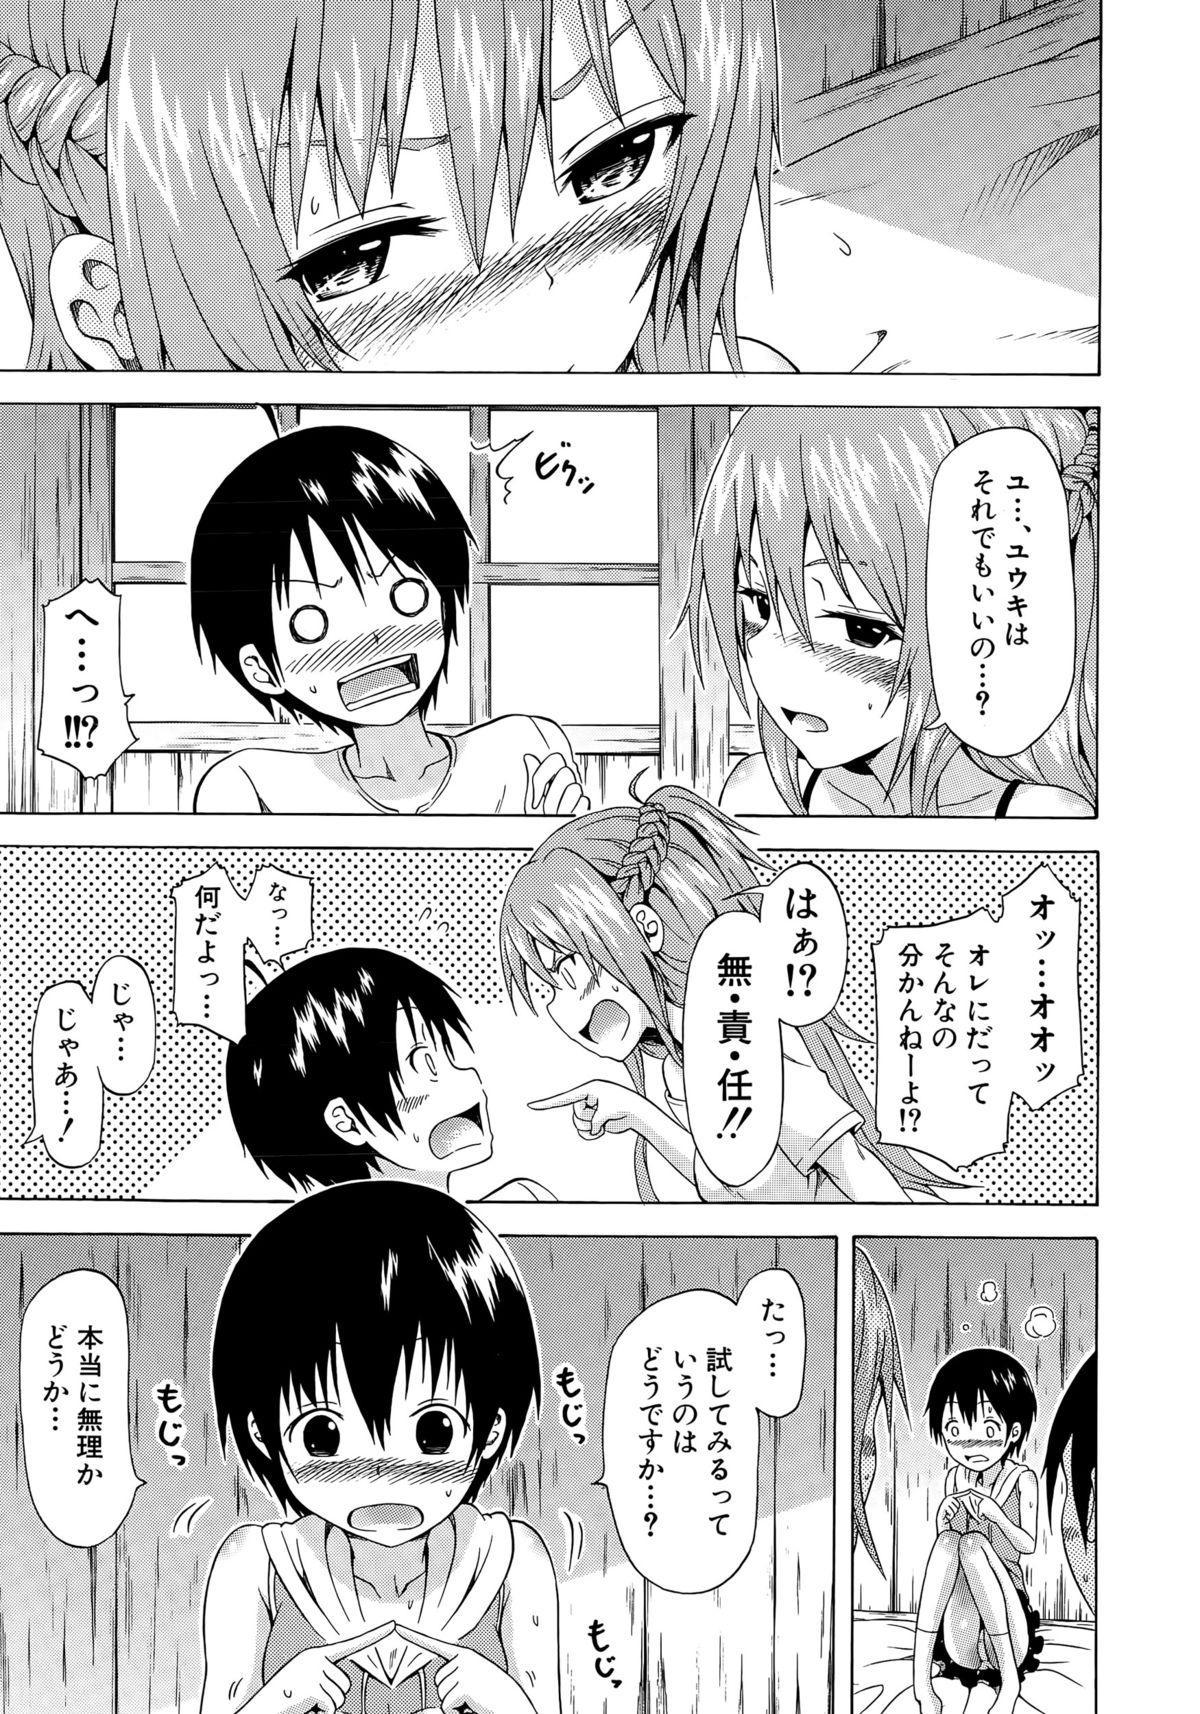 Natsumitsu x Harem! 176